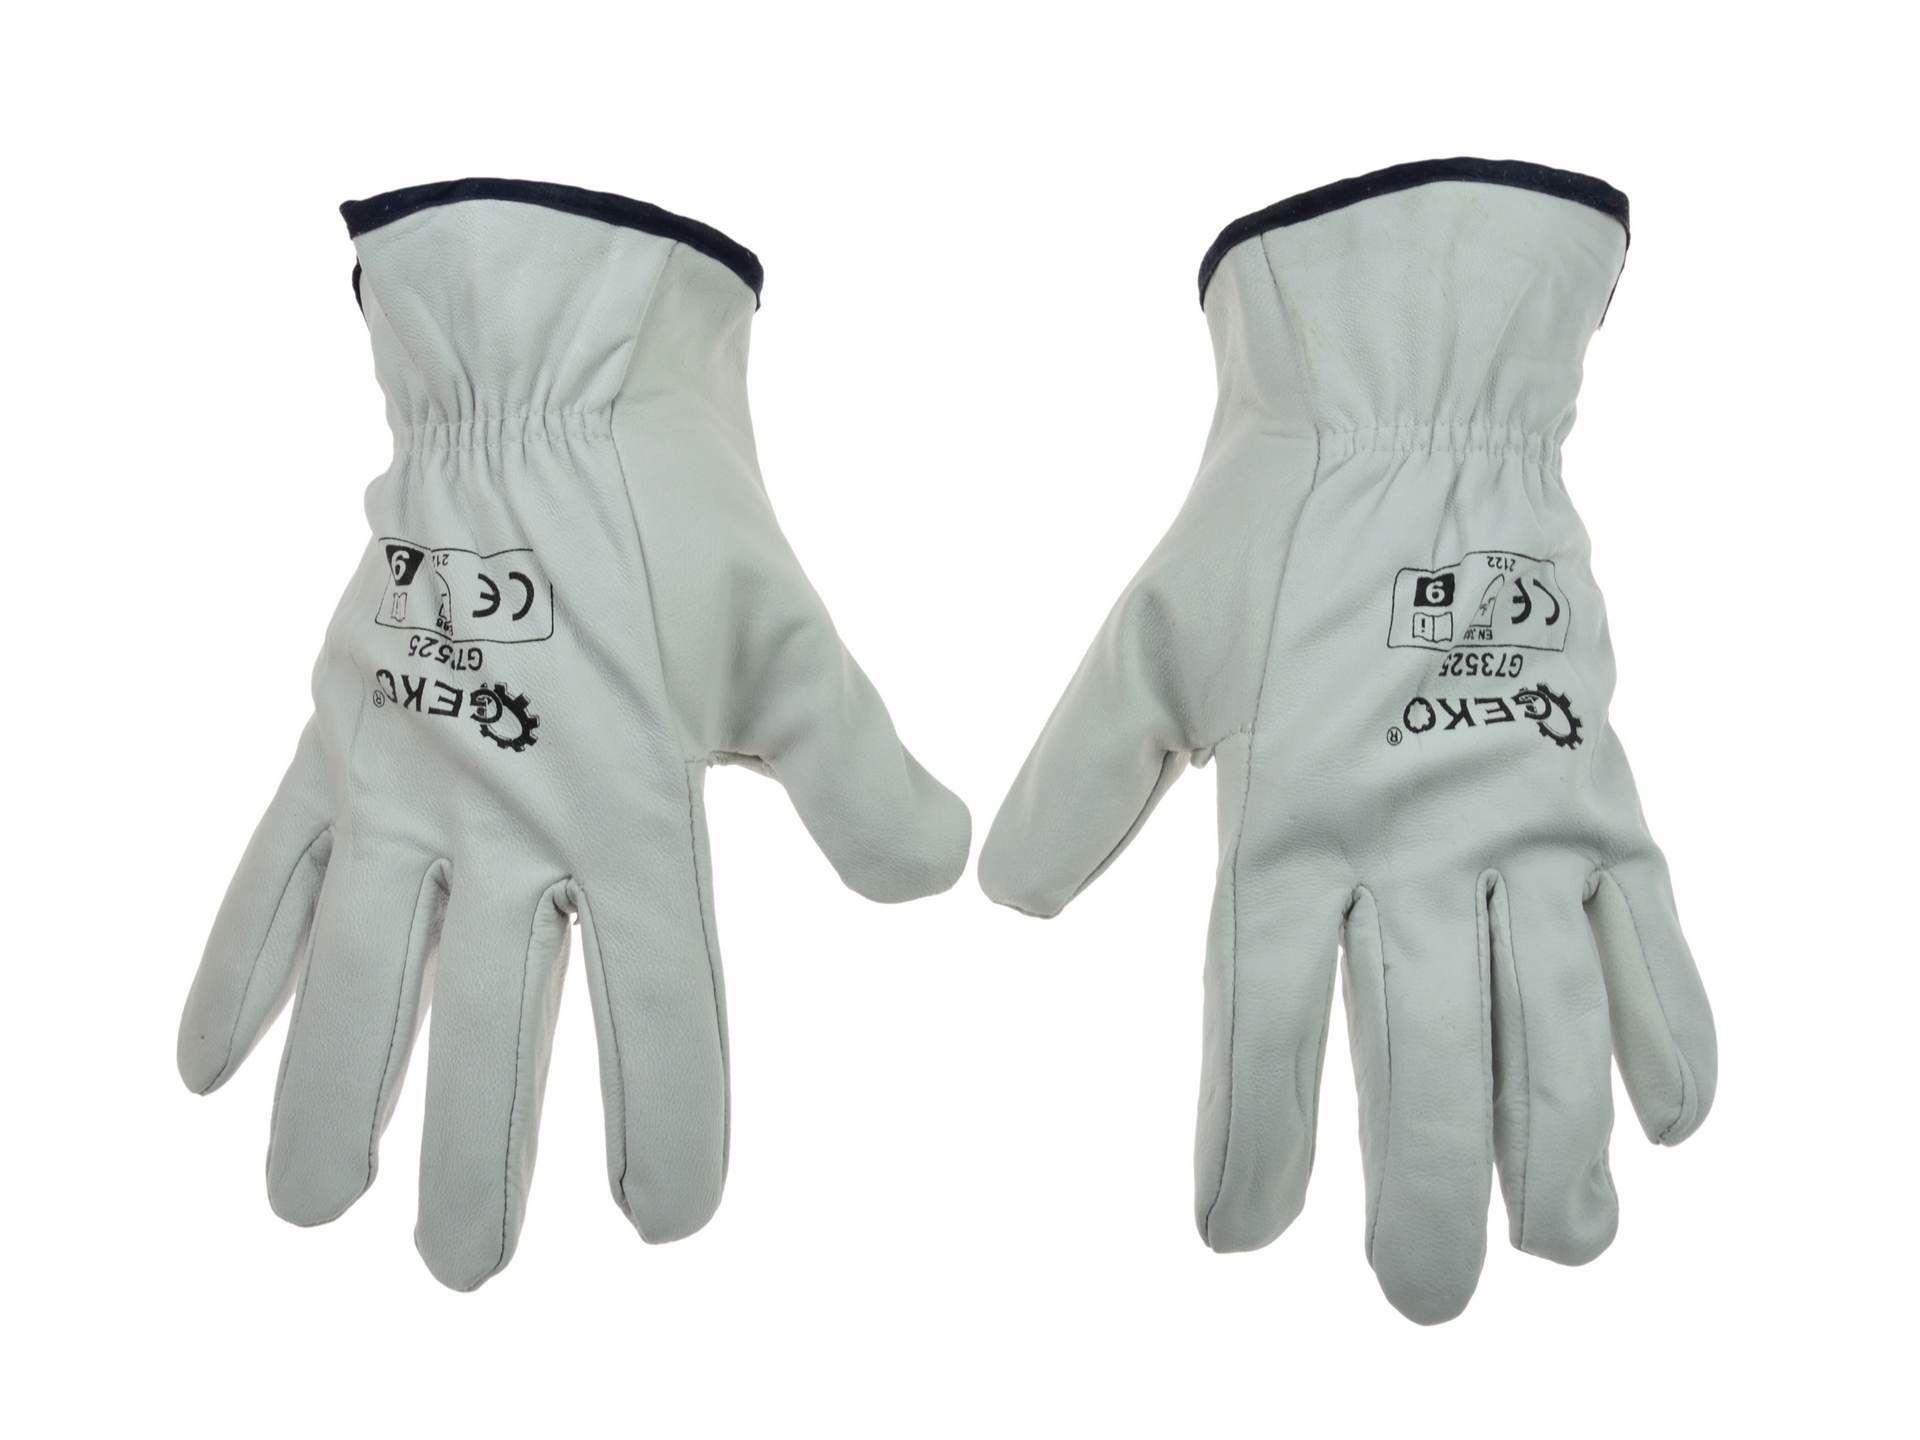 Pracovní kožené rukavice, vel. 9 GEKO